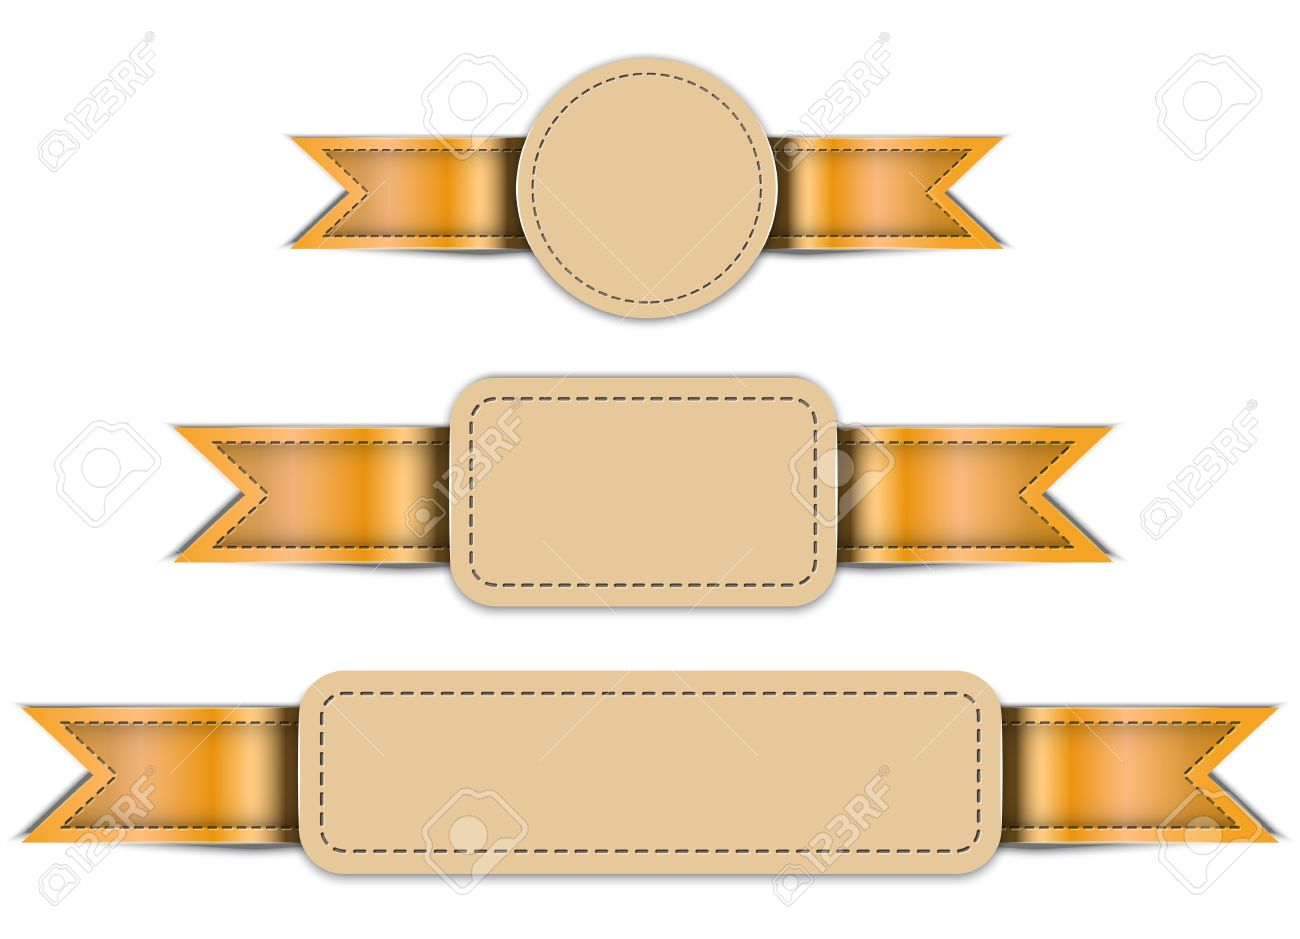 革製のバナー タグのラベル デザイン テンプレート ベクトル イラスト